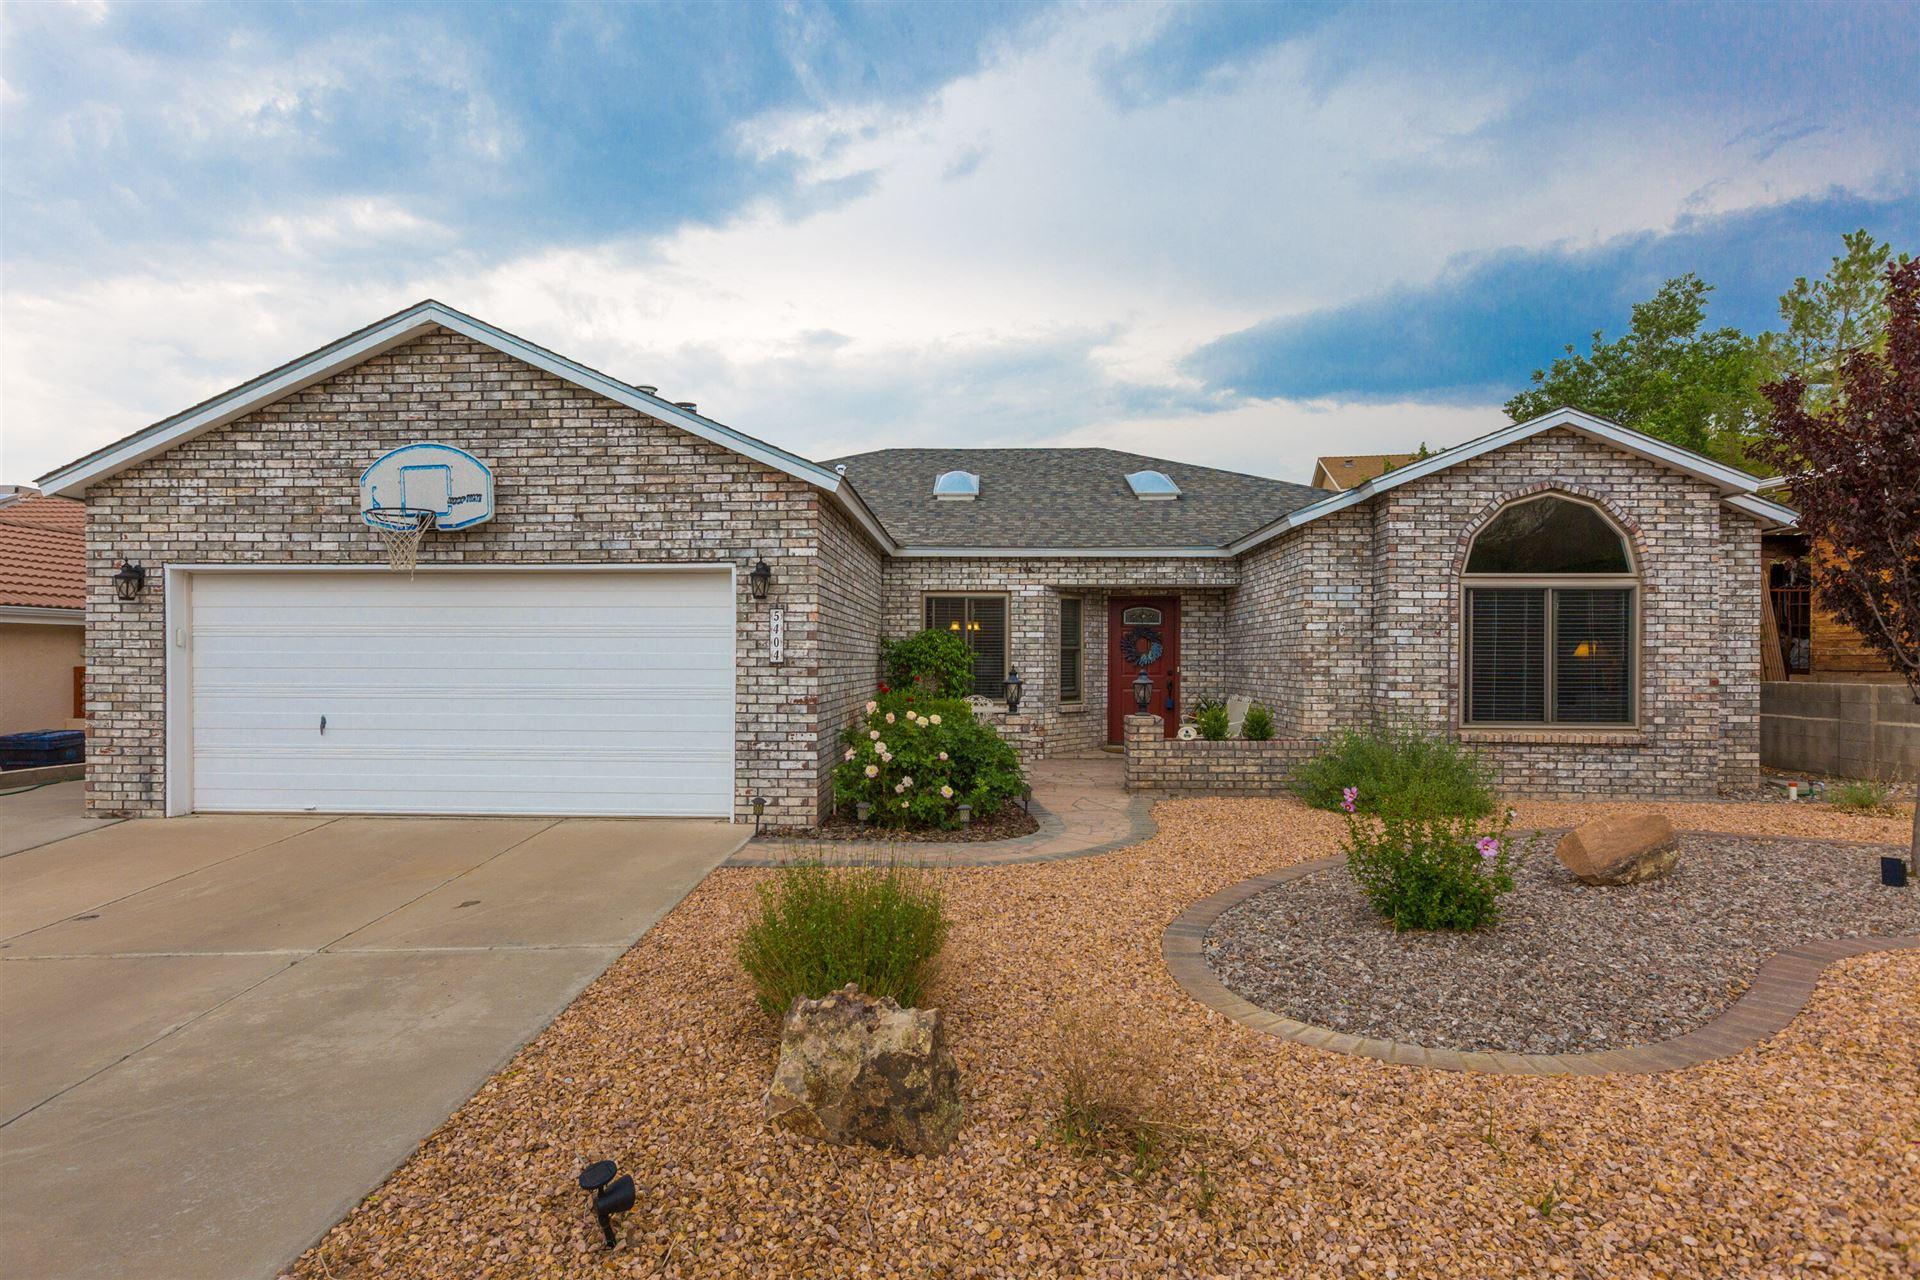 5404 ROANOKE Avenue NW, Albuquerque, NM 87120 - MLS#: 996930